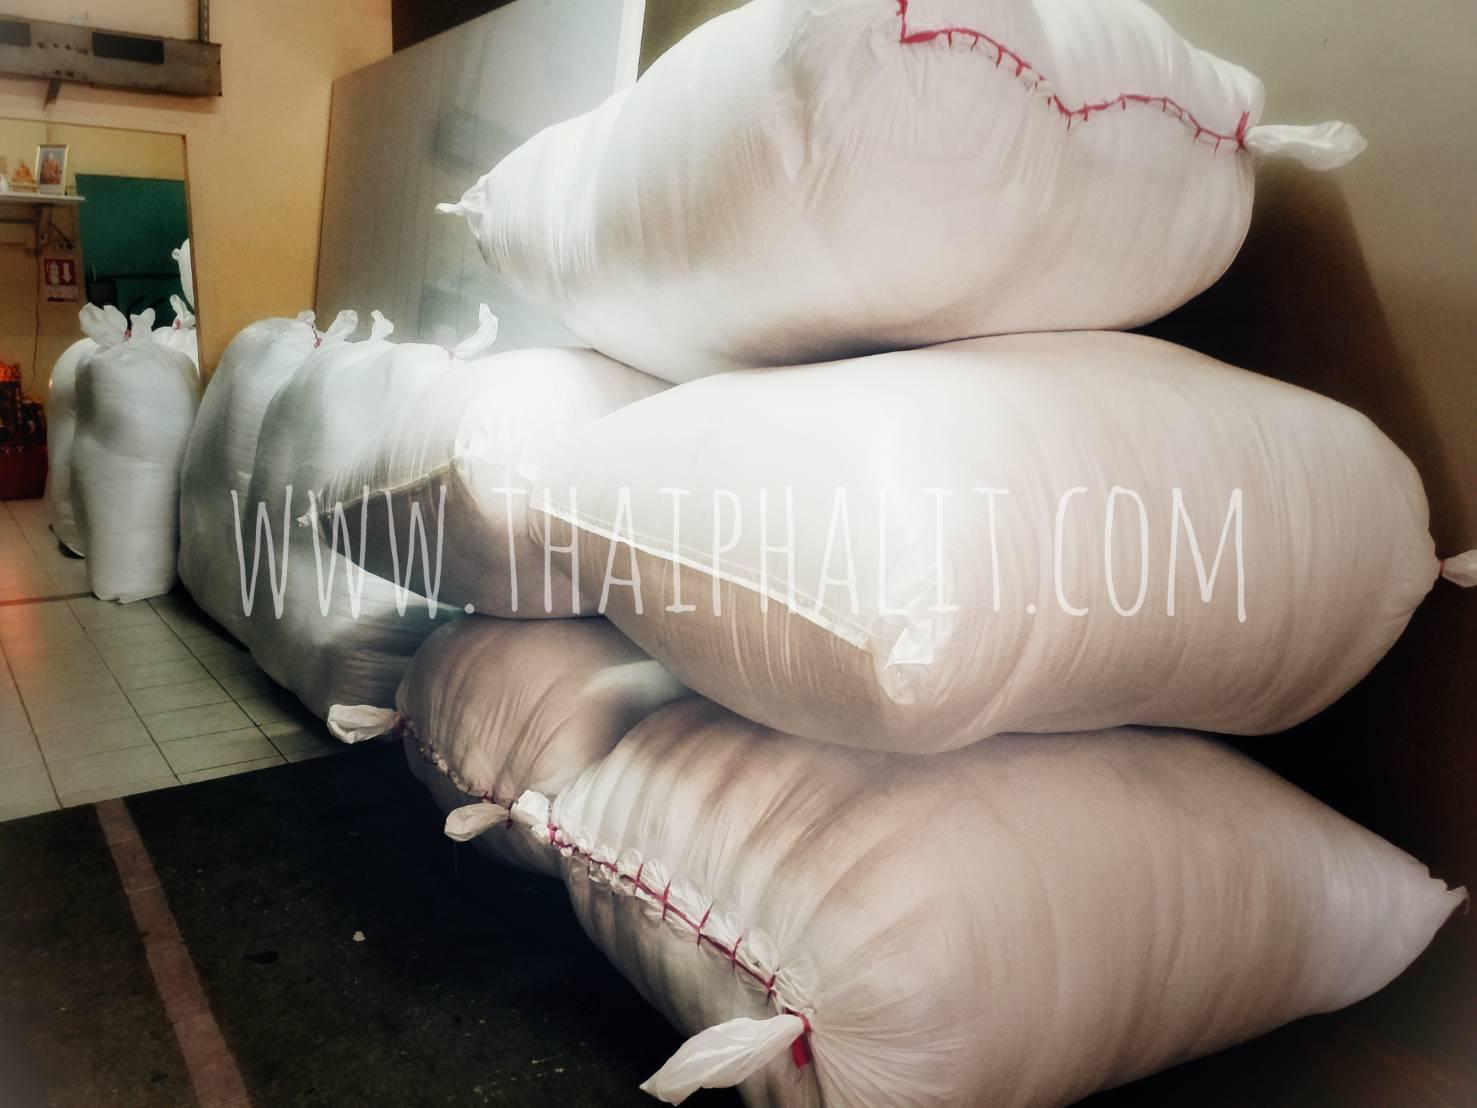 ผ้าปูสำหรับโรงแรม,ผ้าปูที่นอนสีขาว,ผ้าห่มโรงแรม,โรงงานผลิตผ้าปูที่นอน